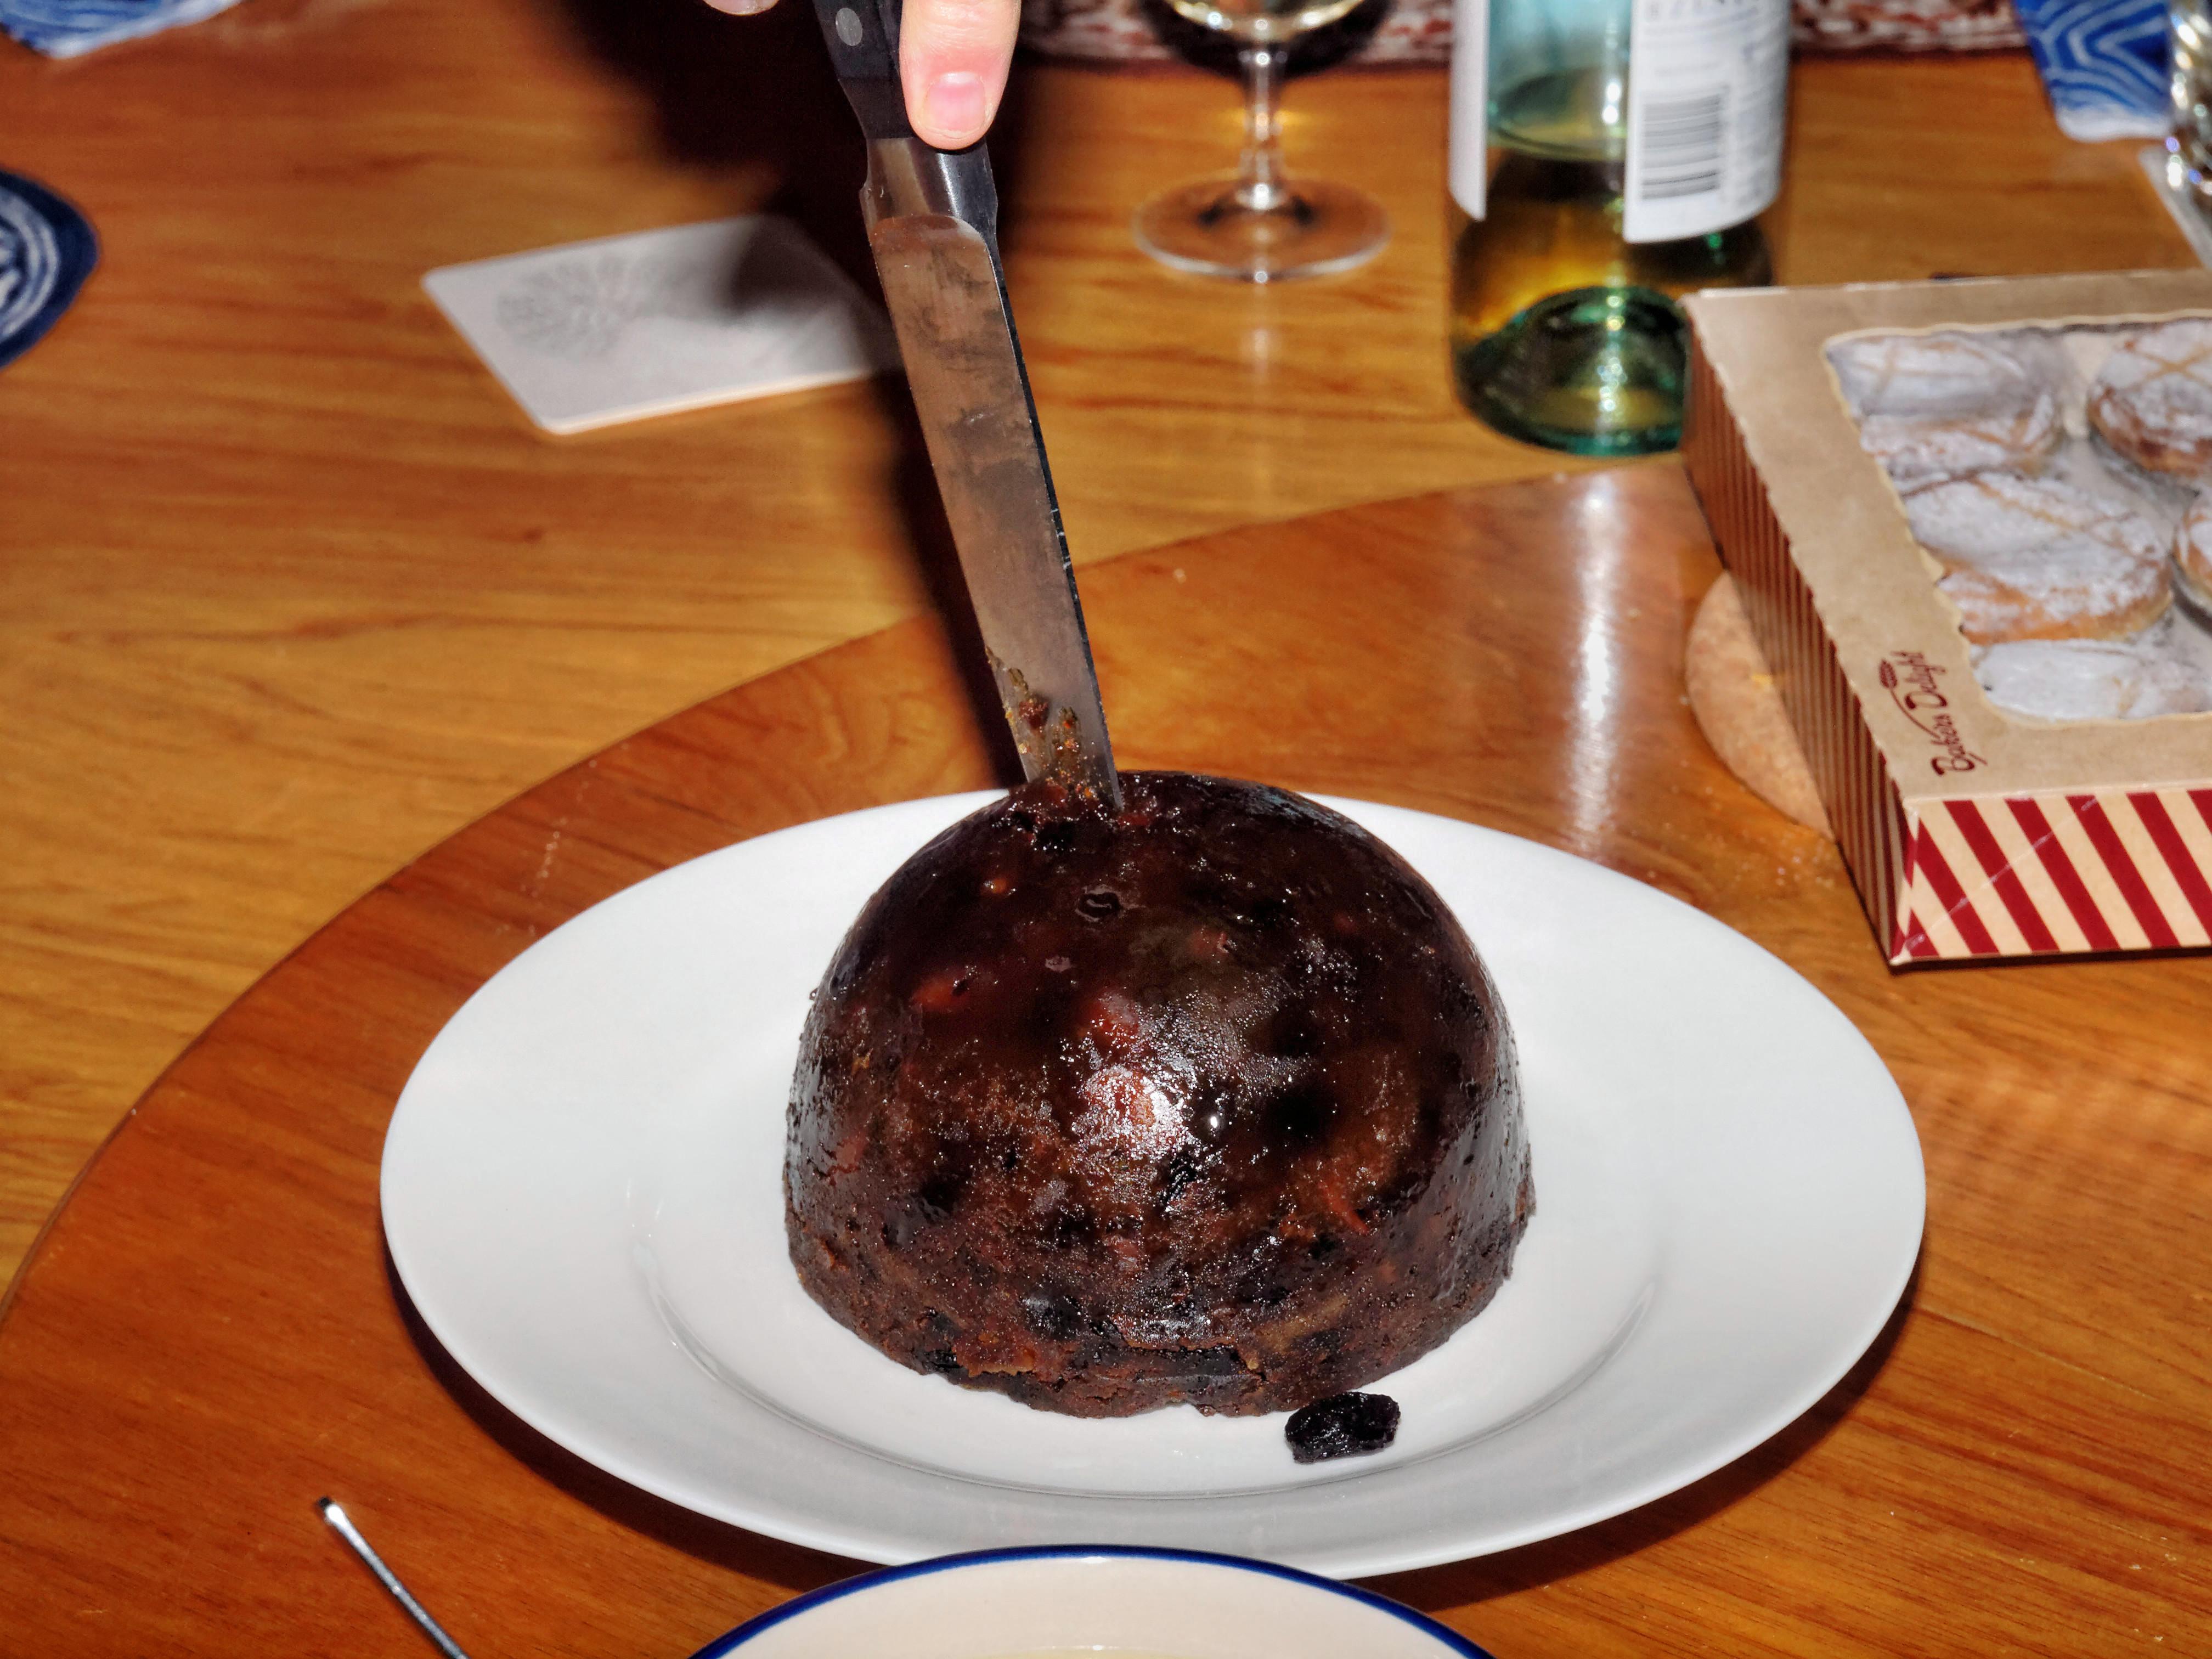 Pudding.jpeg